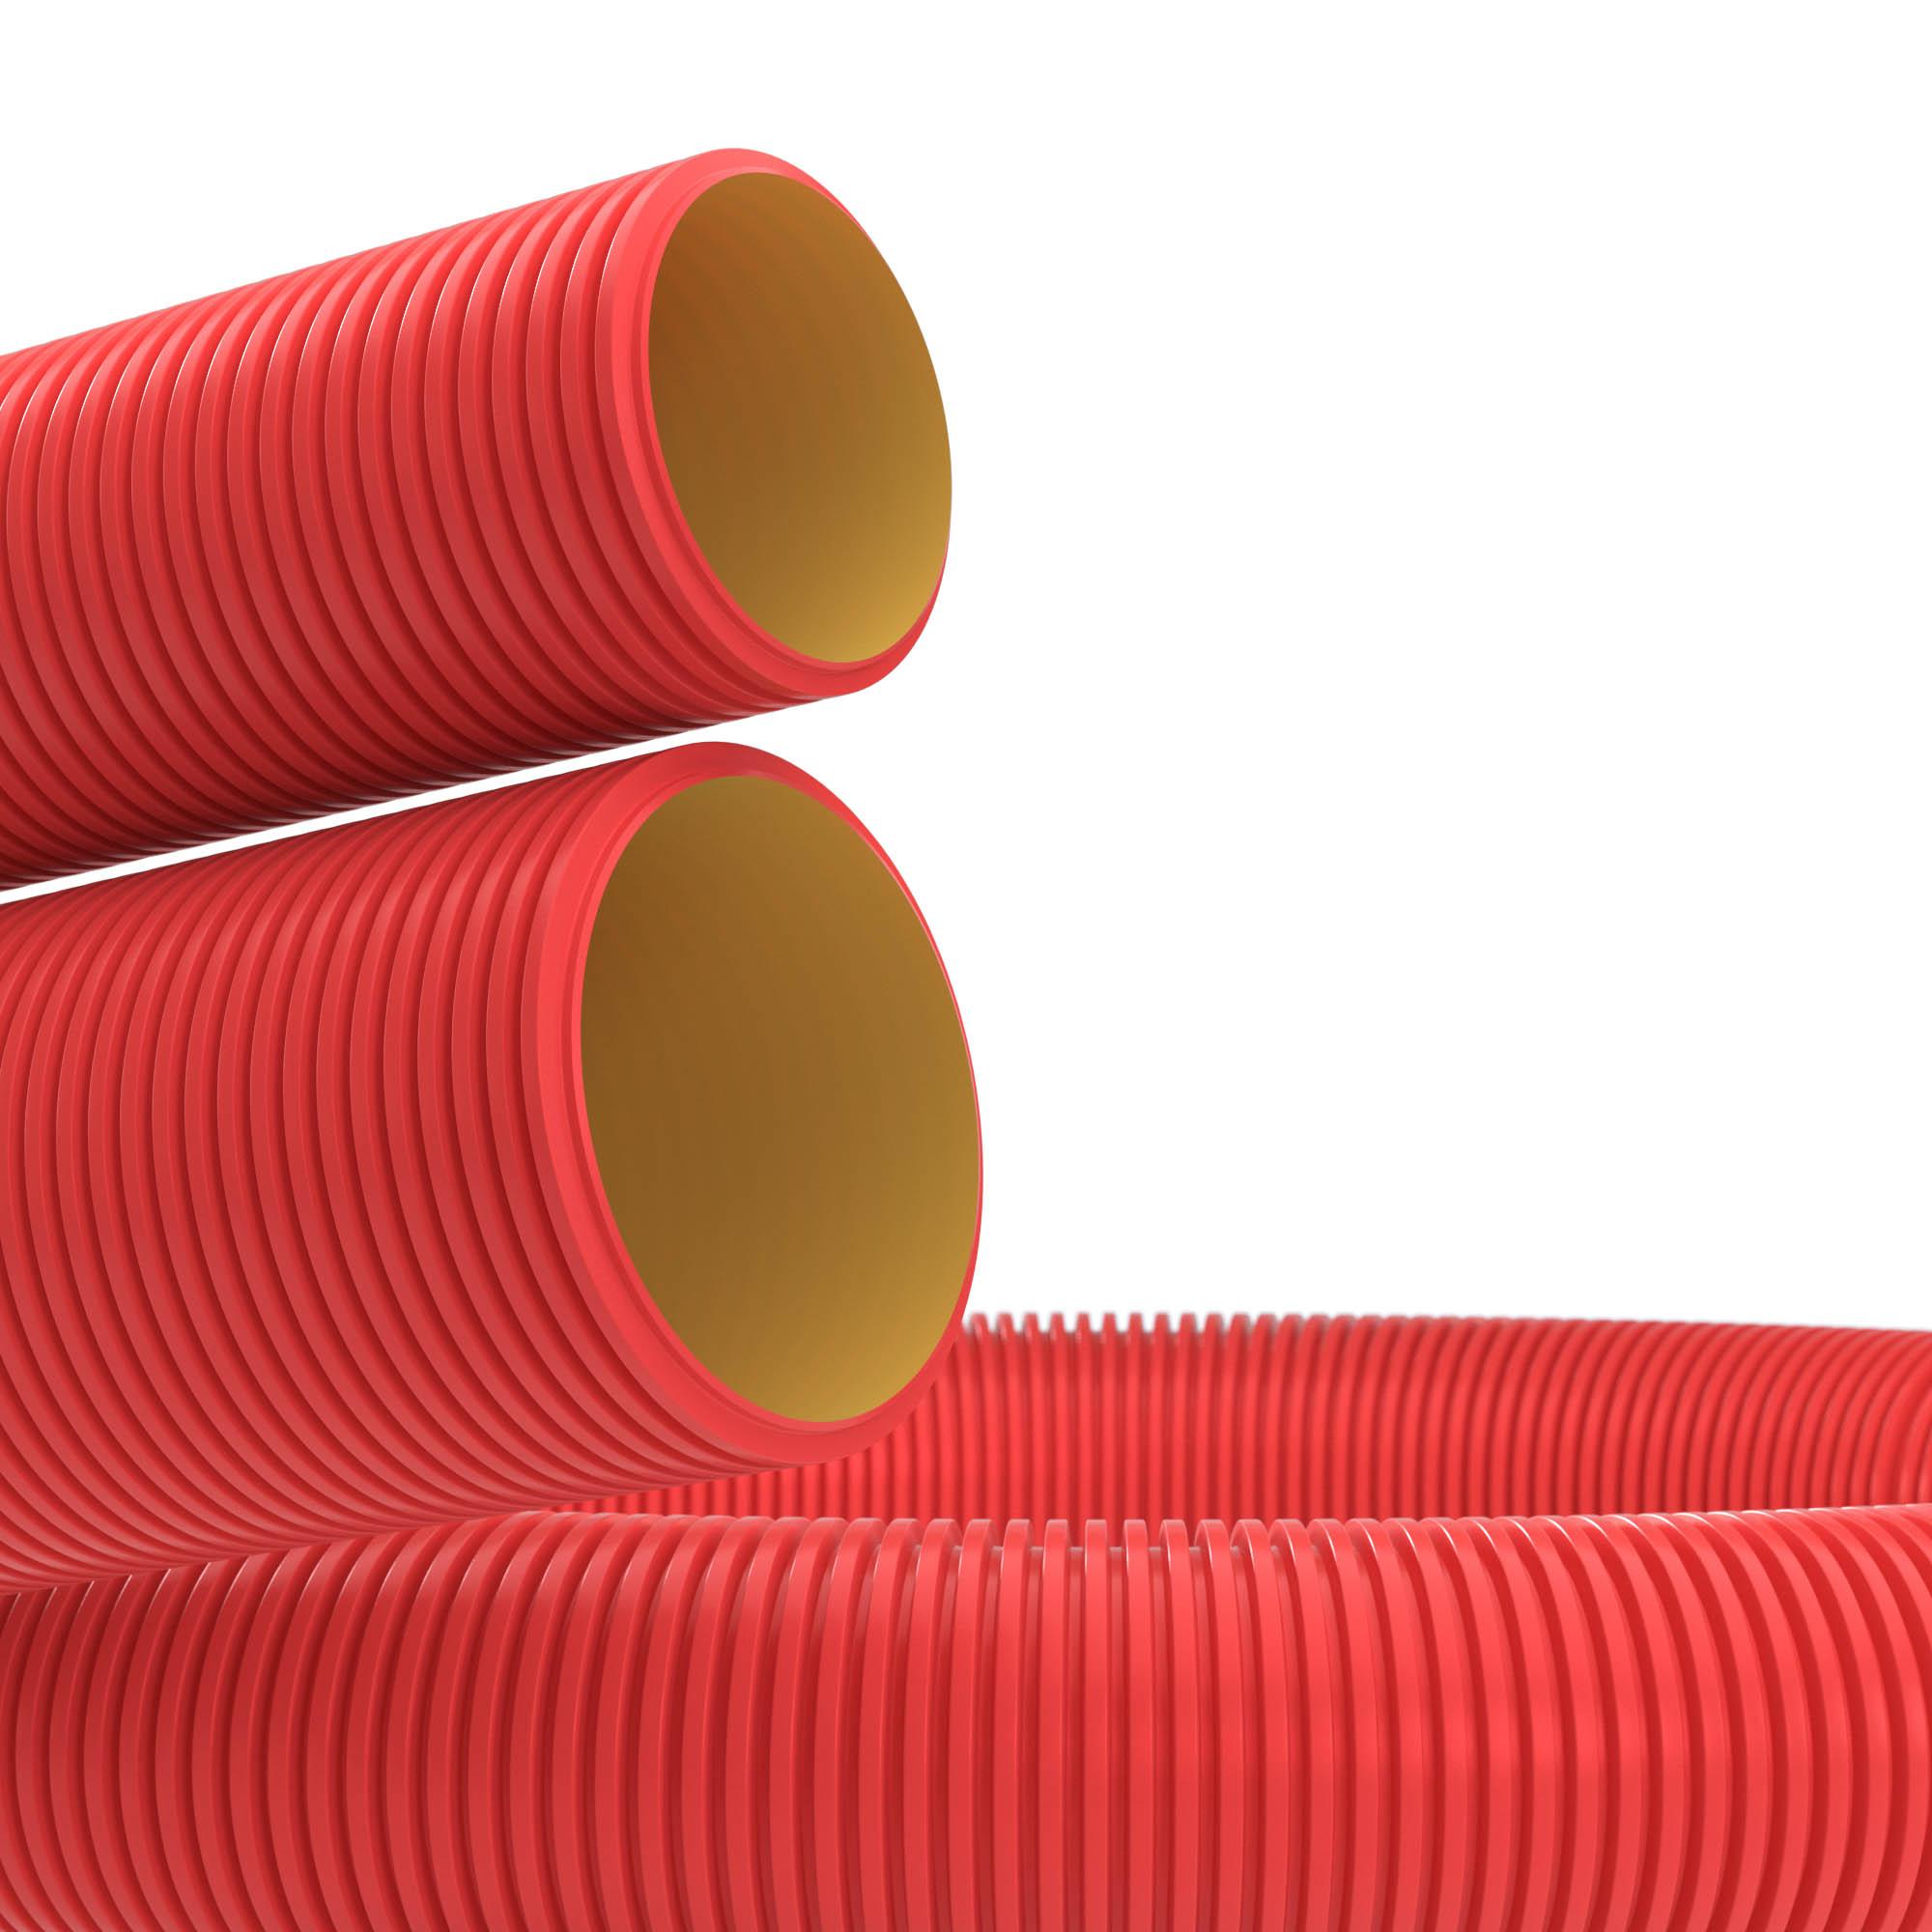 Двустенная труба ПНД гибкая для кабельной канализации d 63мм без протяжки SN13 250Н красный